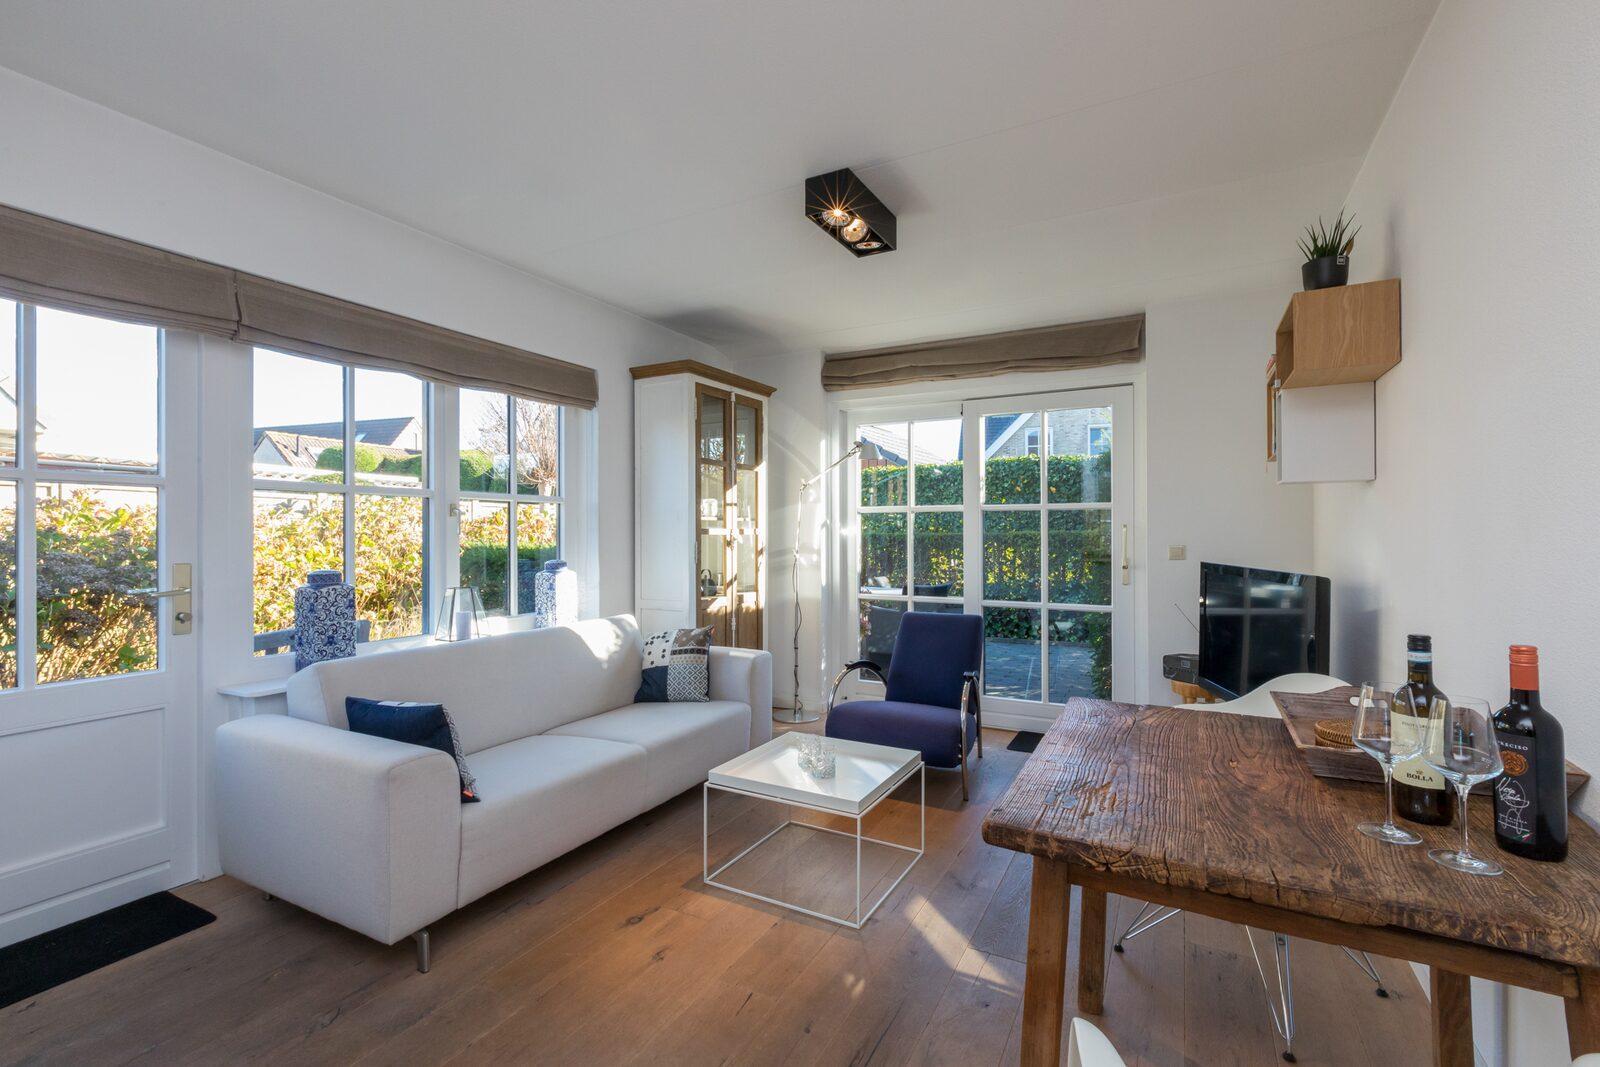 Ferienhaus für 2 Personen ca 40 m² in Zoutelande Zeeland Küste von Zeeland